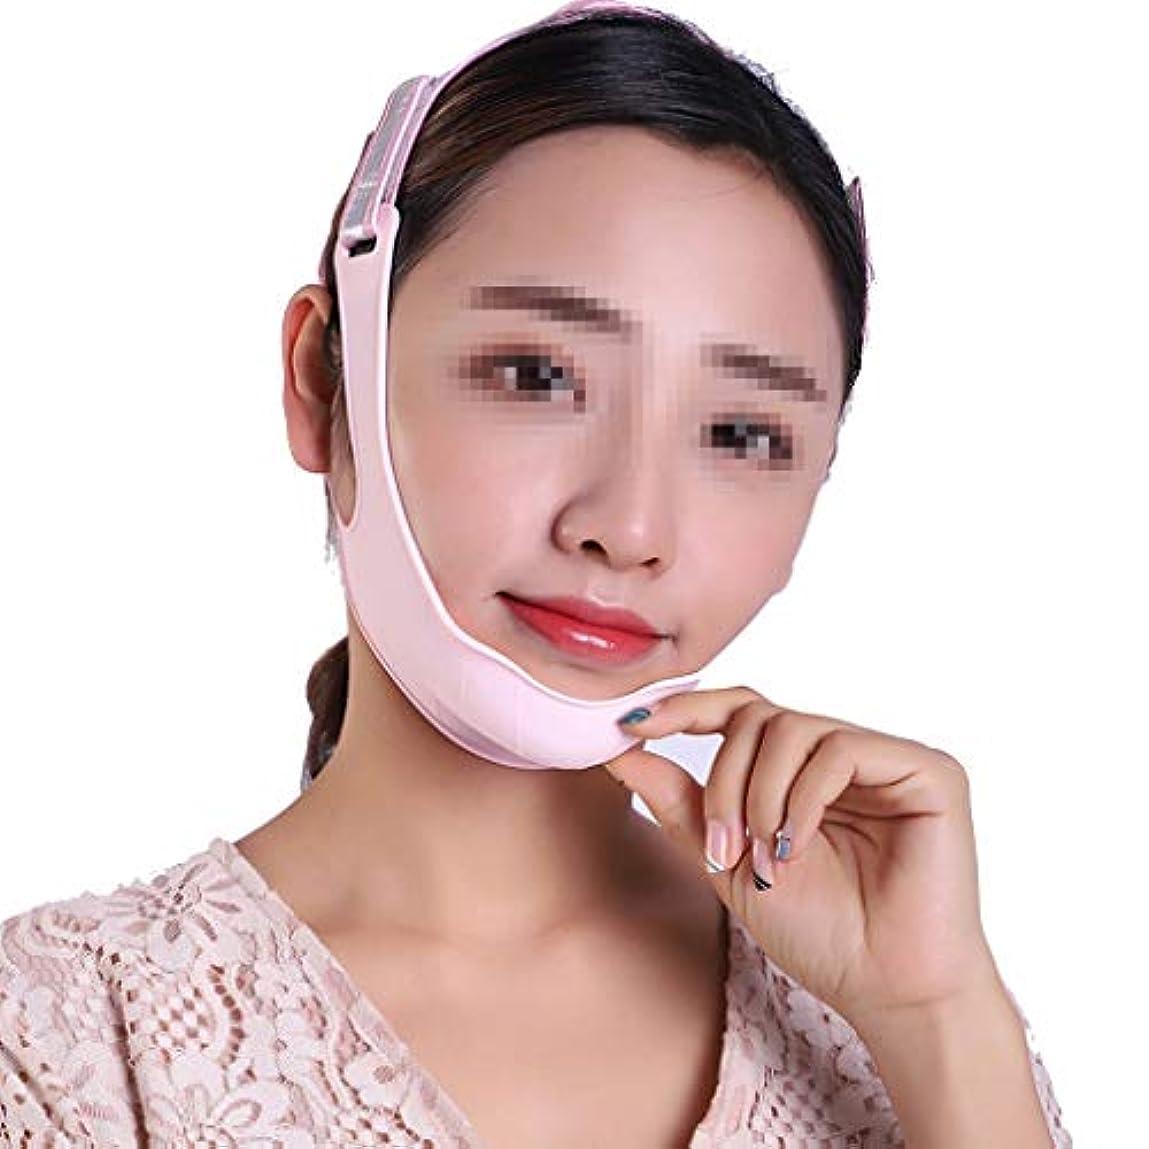 寄託組み立てる郡XHLMRMJ シリコーンフェイスマスク、小さなv顔薄い顔包帯持ち上がる顔引き締めアーティファクトマッサージ師スキニーフェイス美容バー